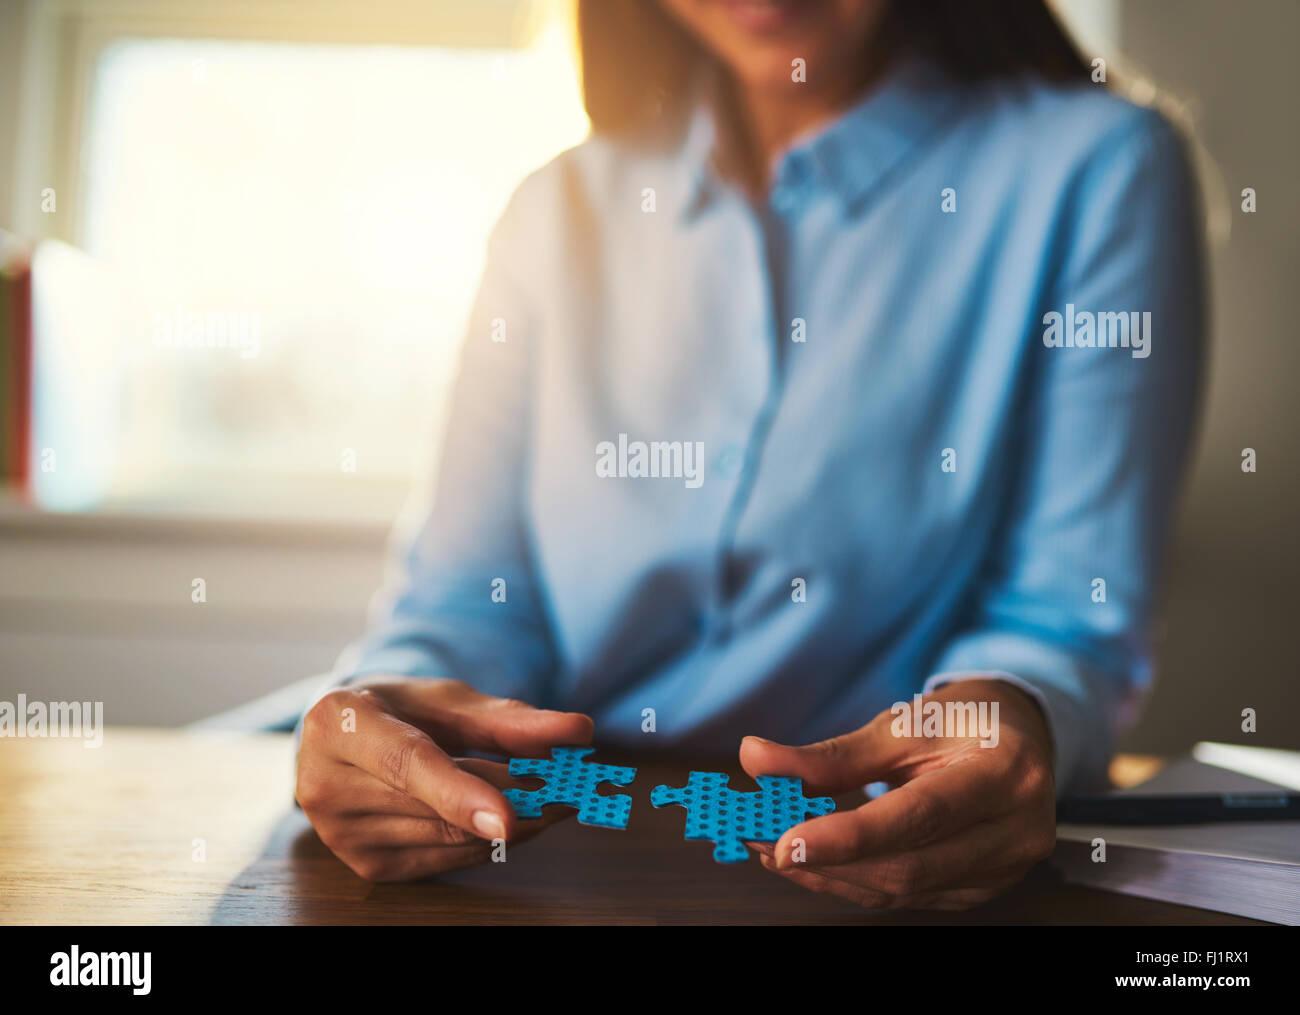 Mujer de negocios conectando puzzles, acercamiento de manos, el concepto de éxito Imagen De Stock